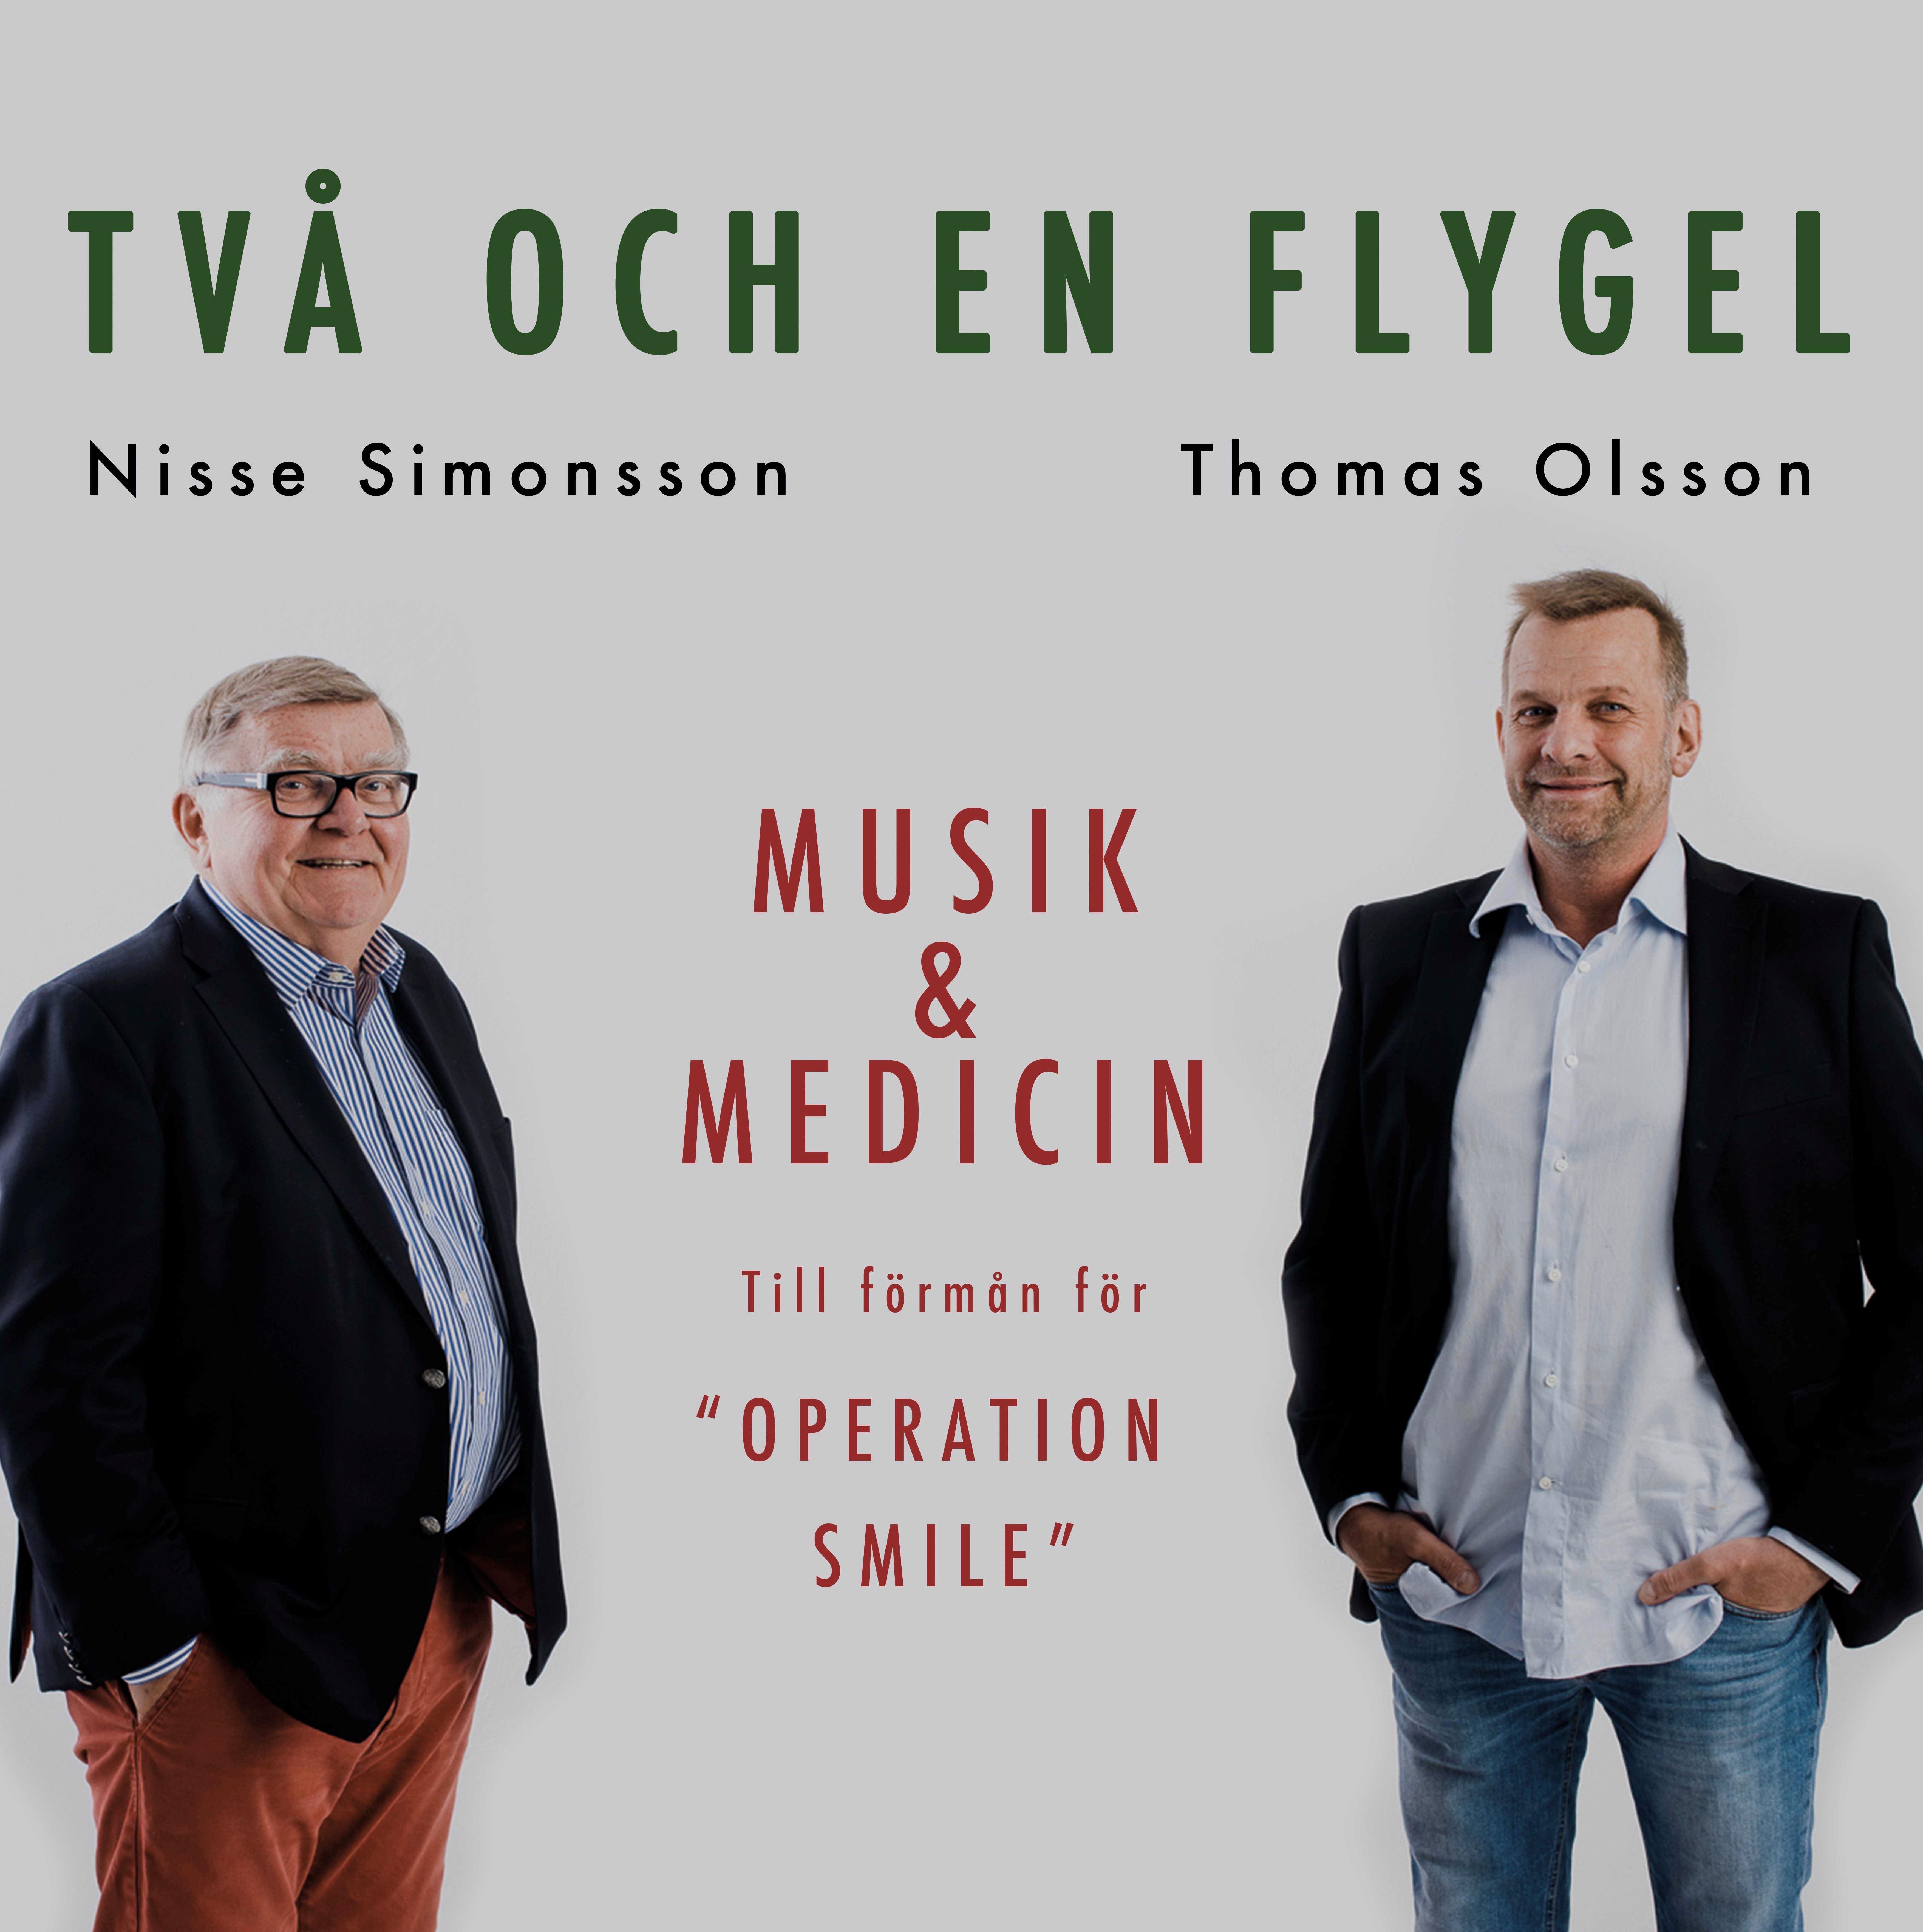 © Tirino Sverige AB, Bild på Nisse Simonsson ochThomas Olsson